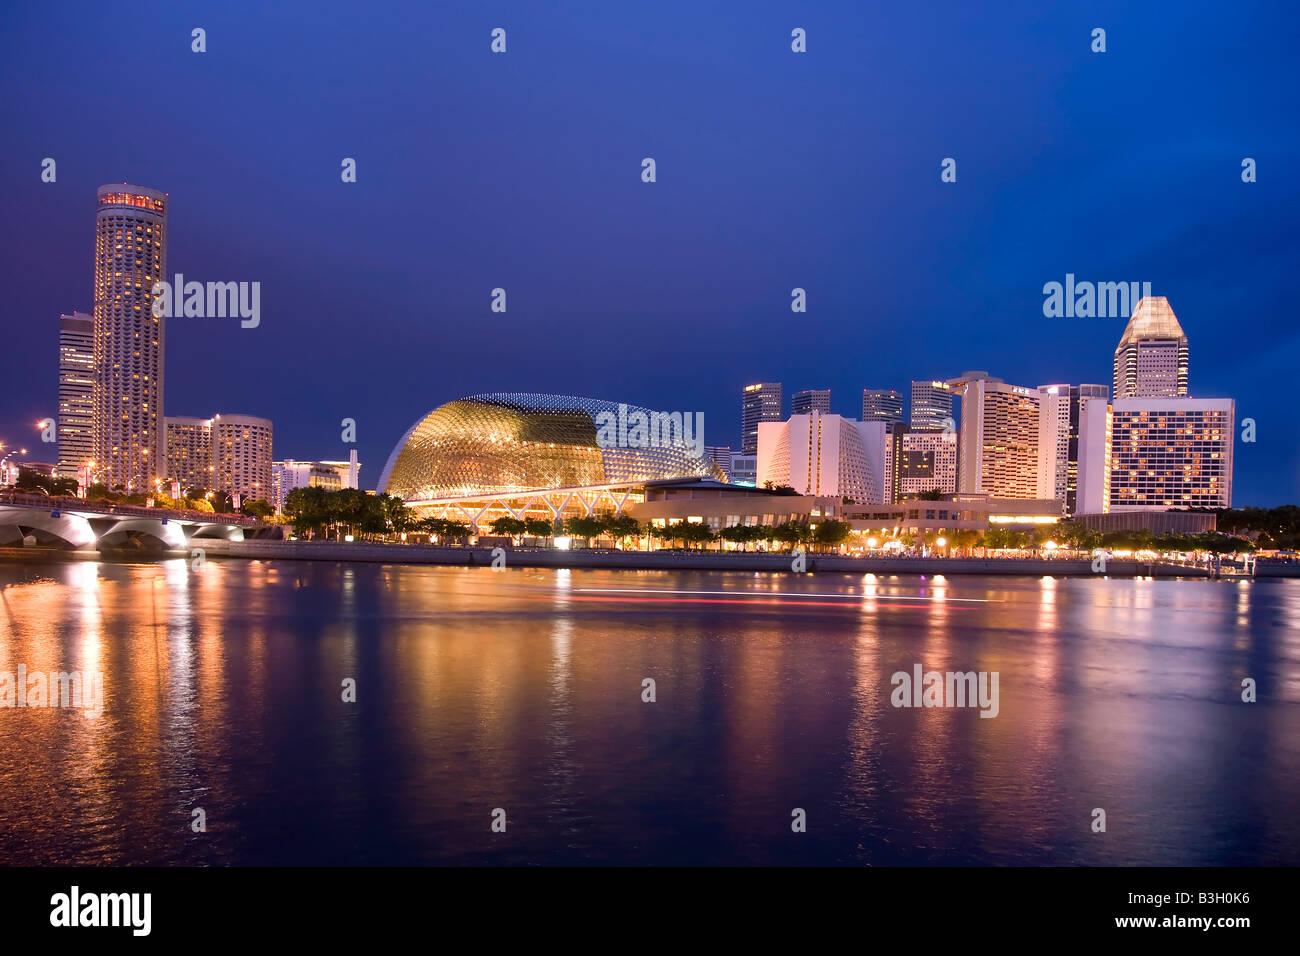 Singapore Skyline at Night - Stock Image